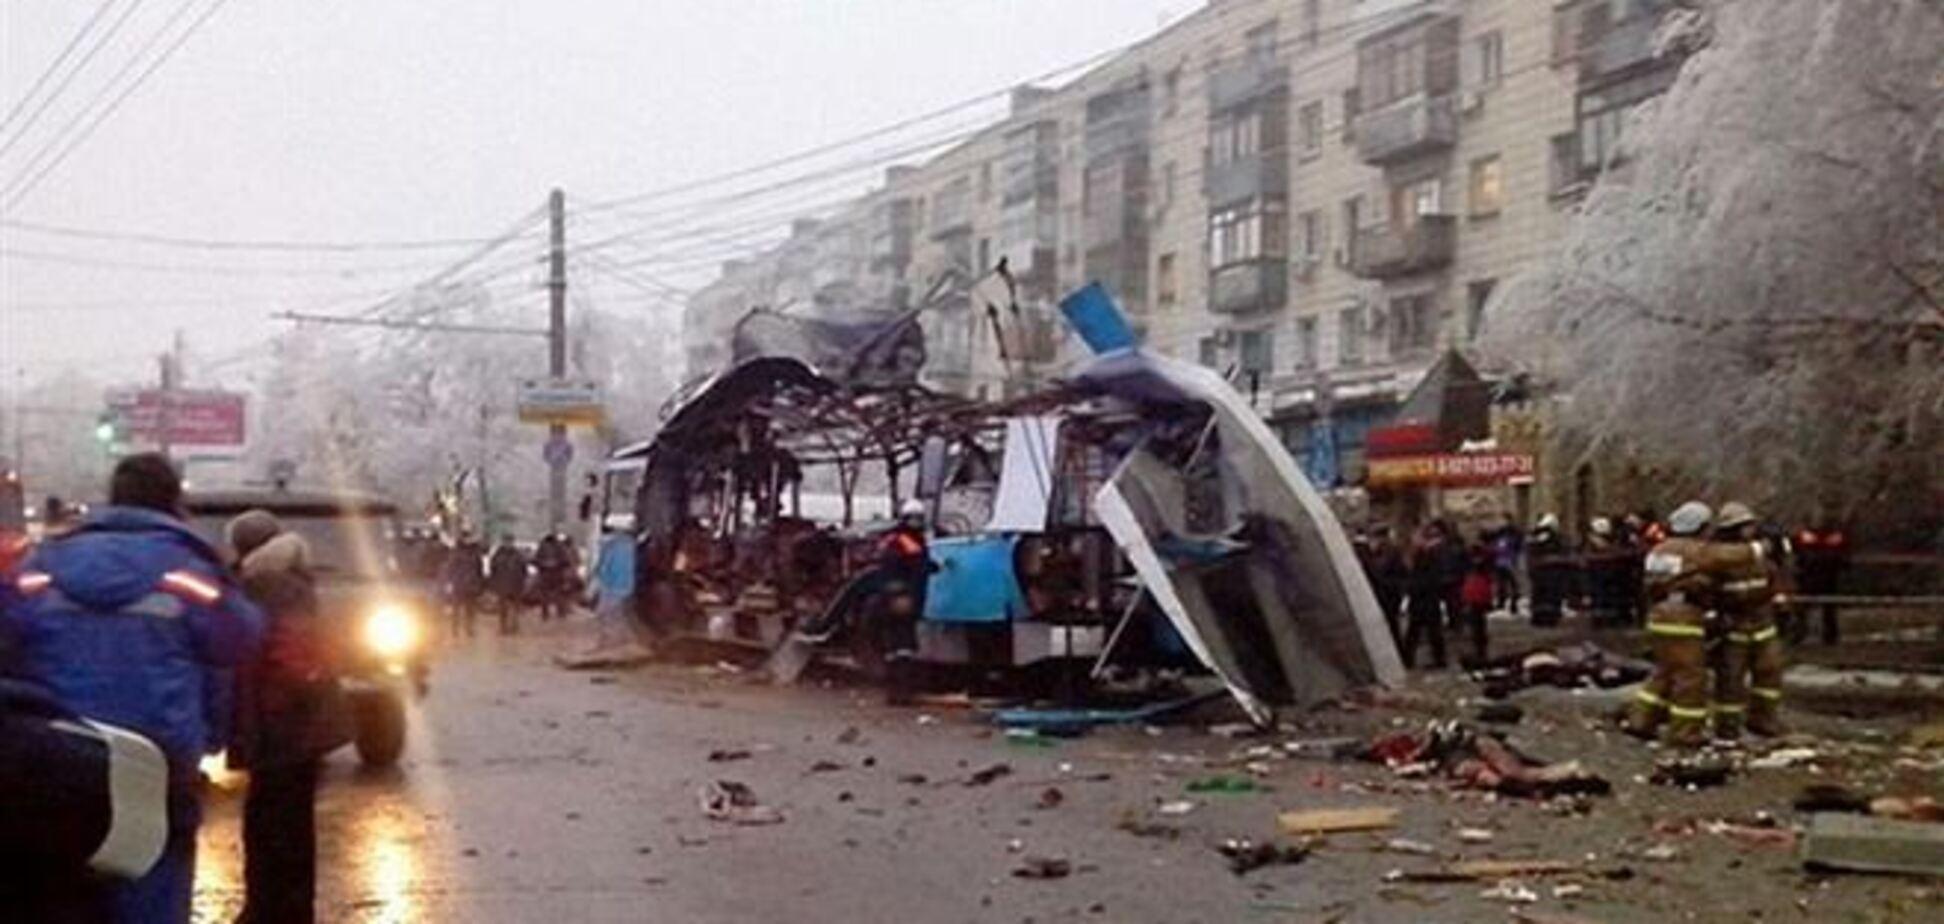 Семеро постраждалих від терактів у Волгограді виписані з лікарень